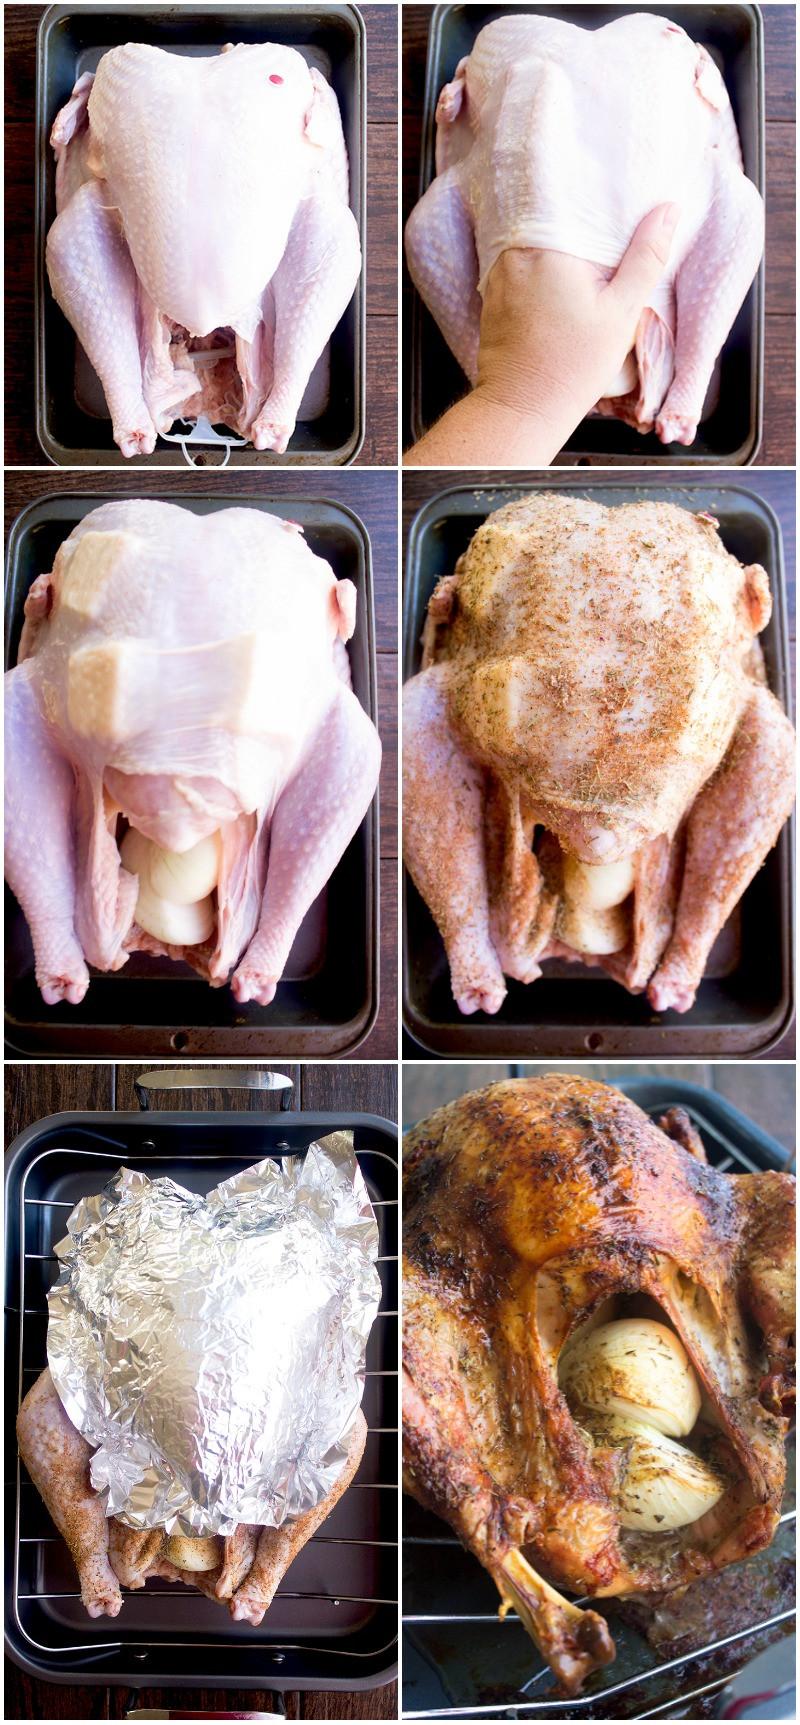 Best Turkey Recipe For Thanksgiving  Best Thanksgiving Turkey Recipe How to Cook a Turkey